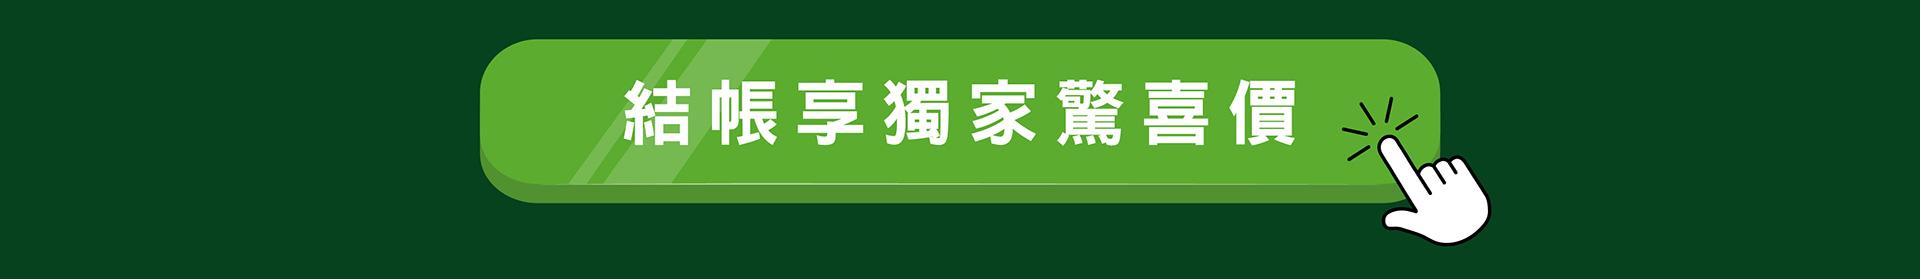 切圖_克立淨-20191227-PC-01_14